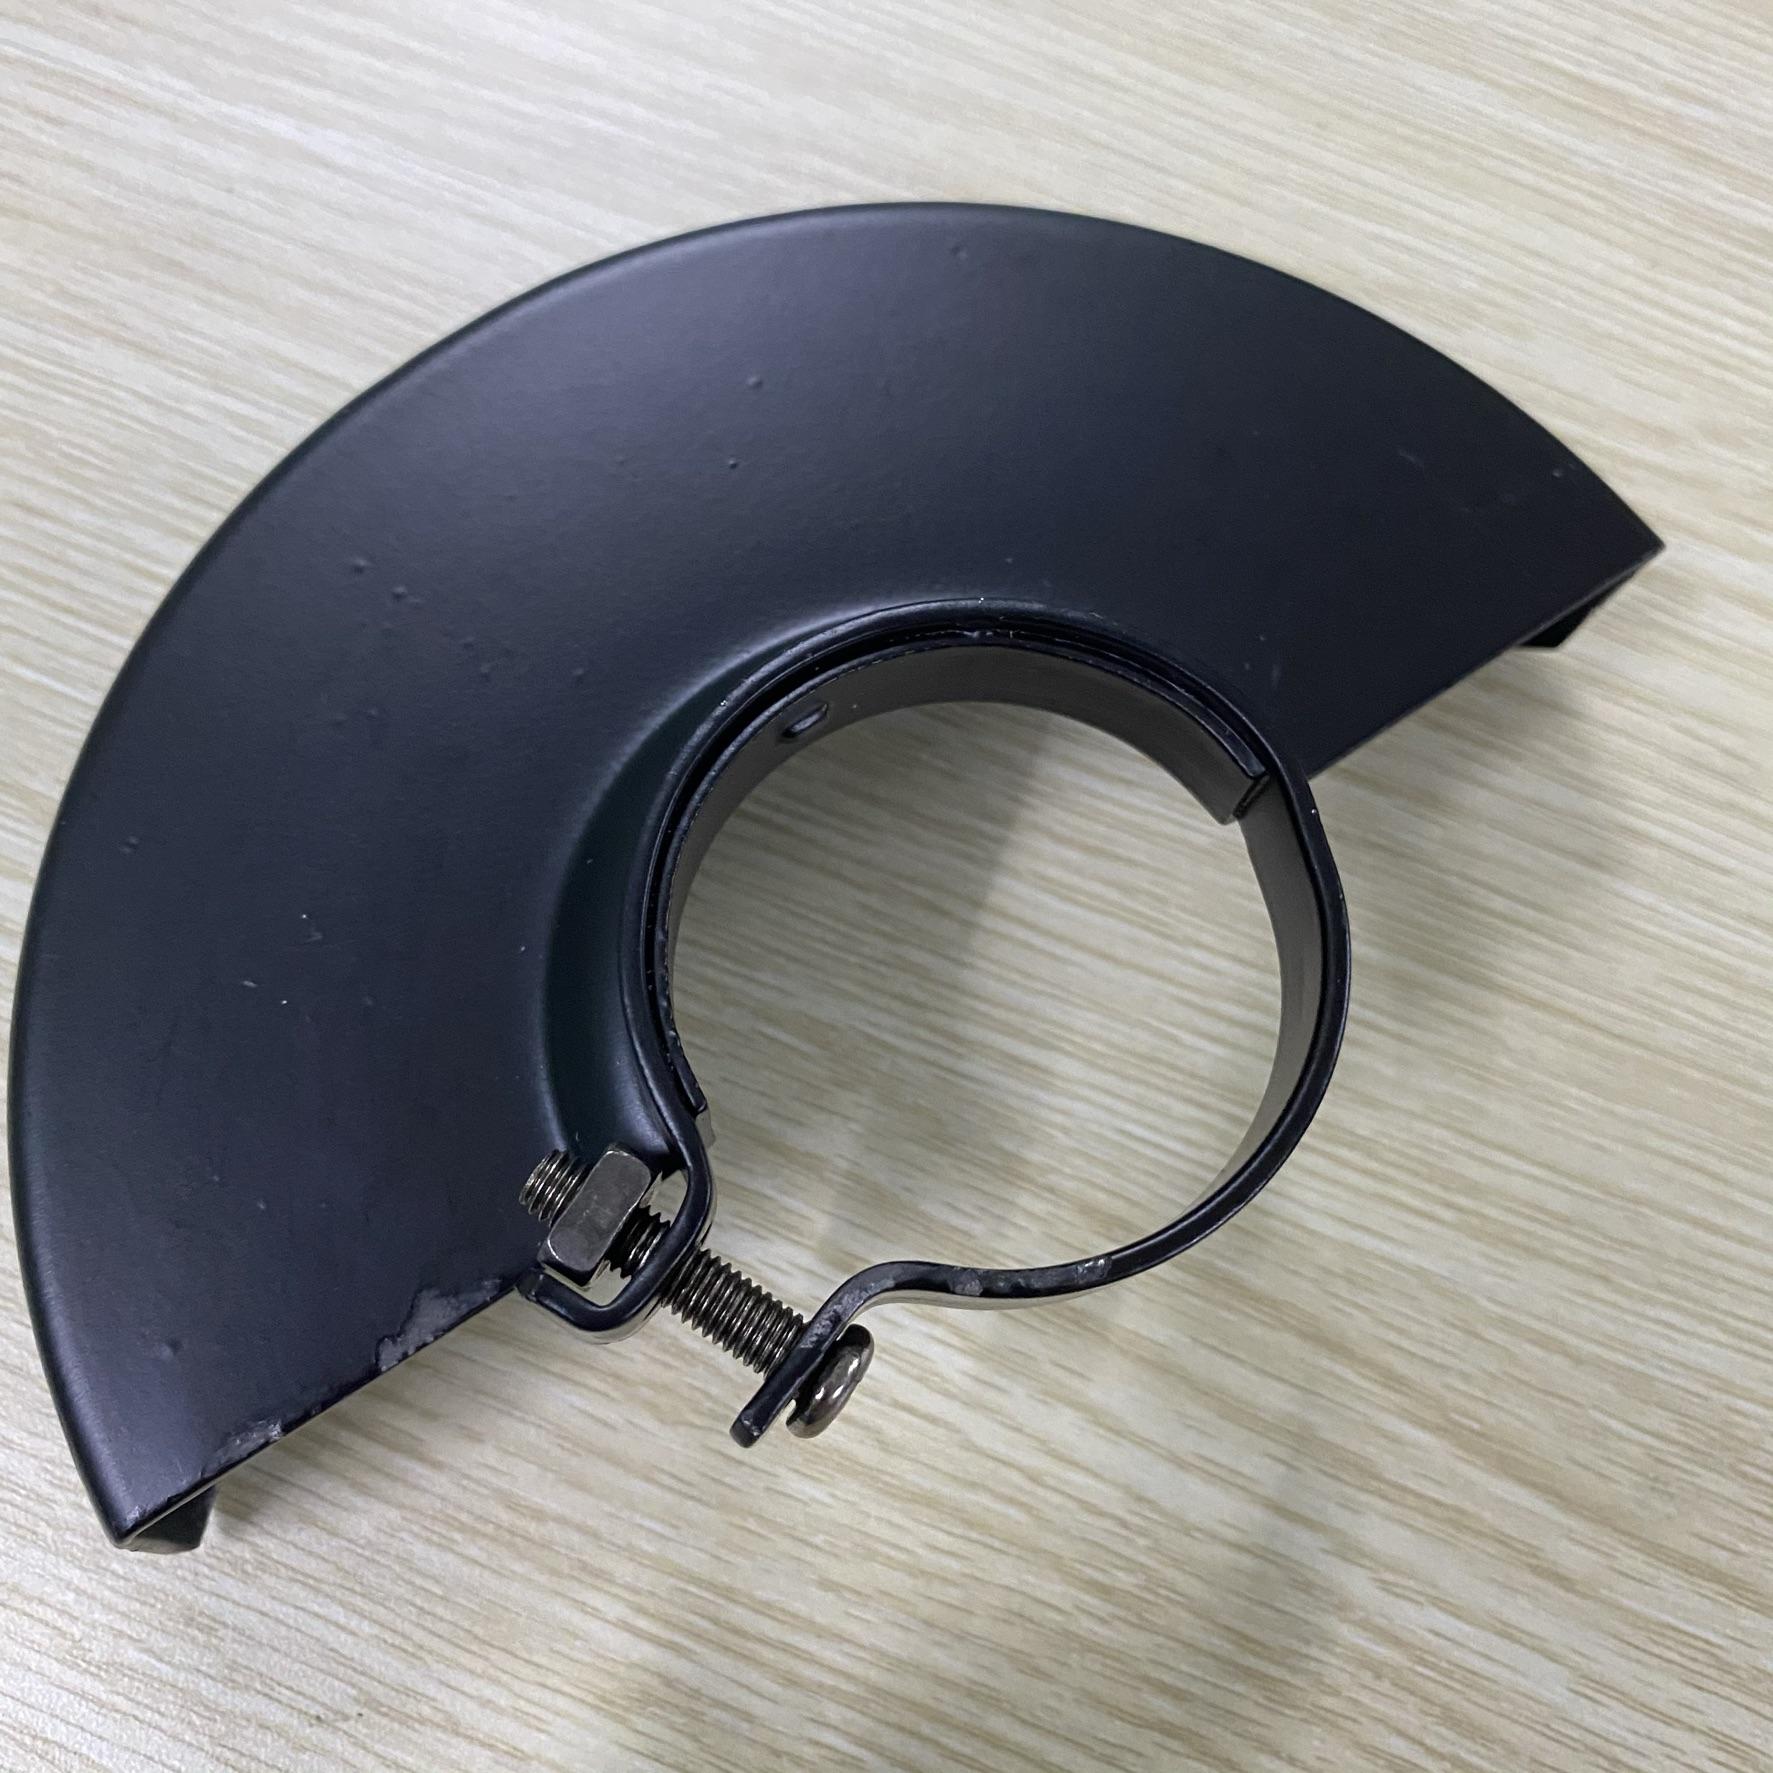 Miếng bảo vệ lưỡi máy mài 100 - 125 - 150 - 180mm (Chọn loại ở phần kích thước)